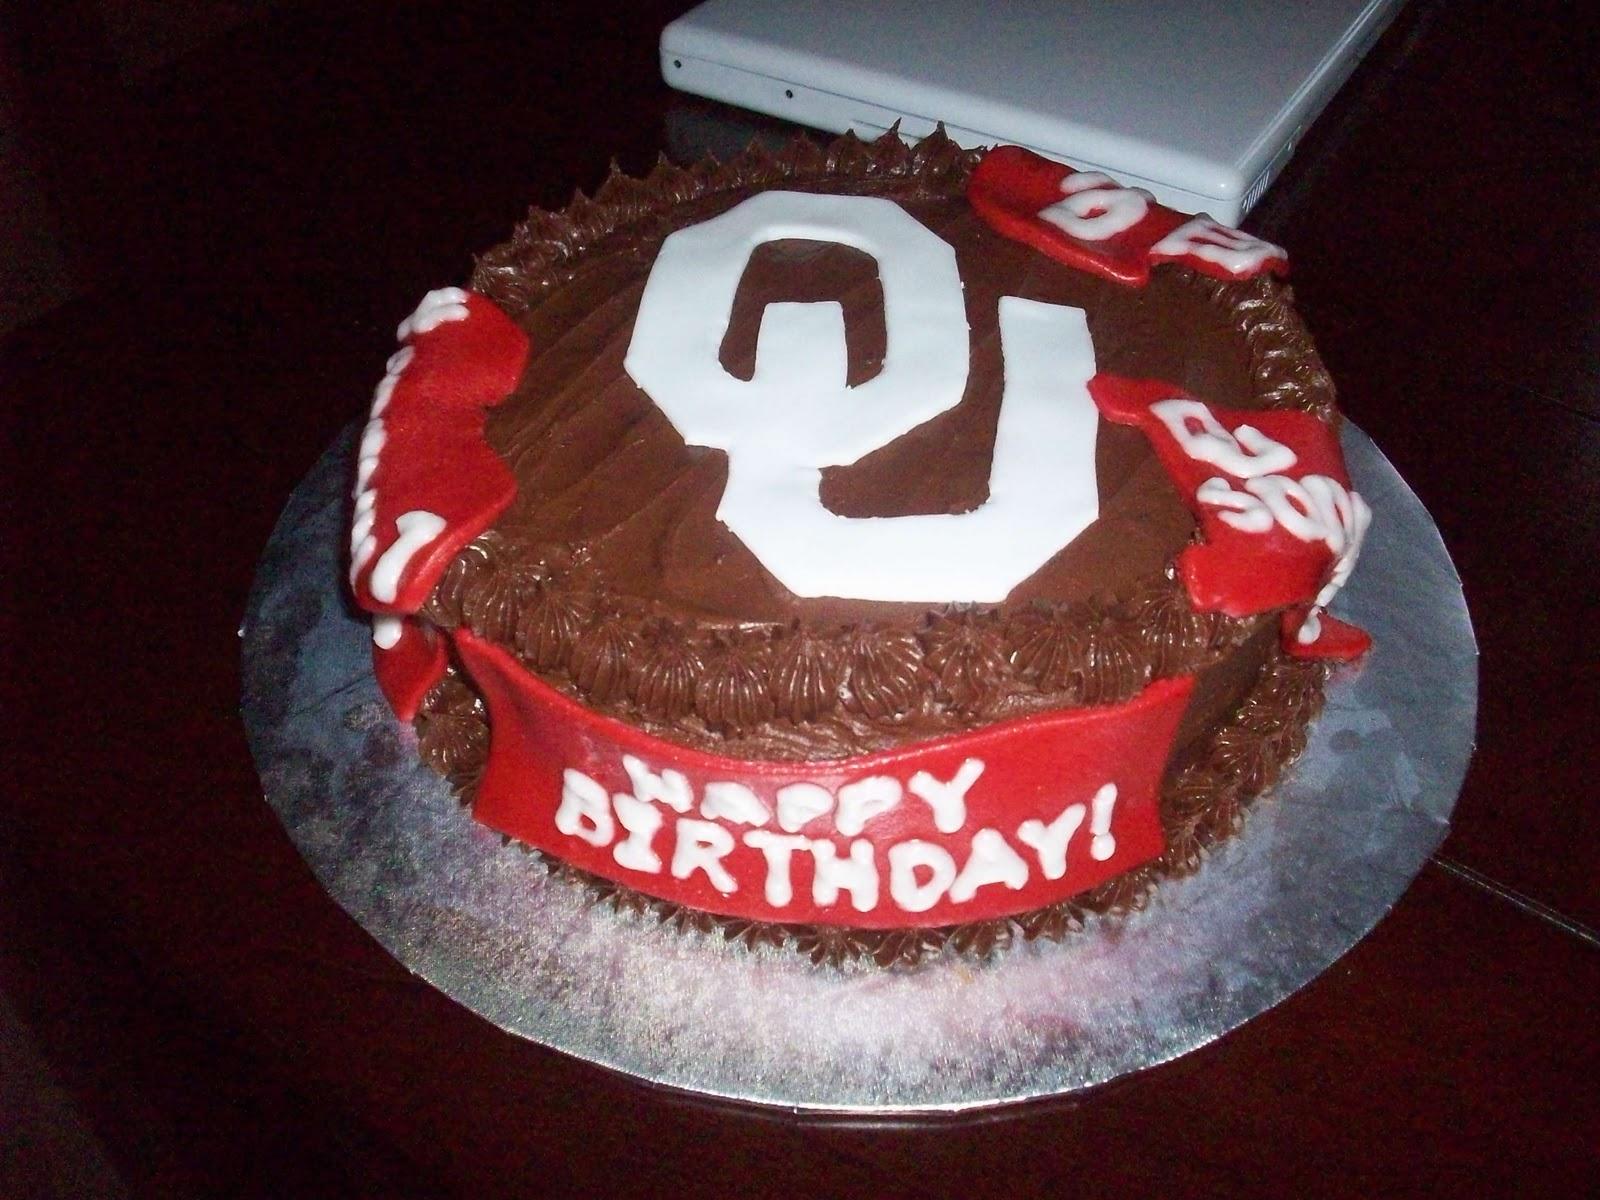 Sweetsnstuff By Jen Ou Birthday Cake